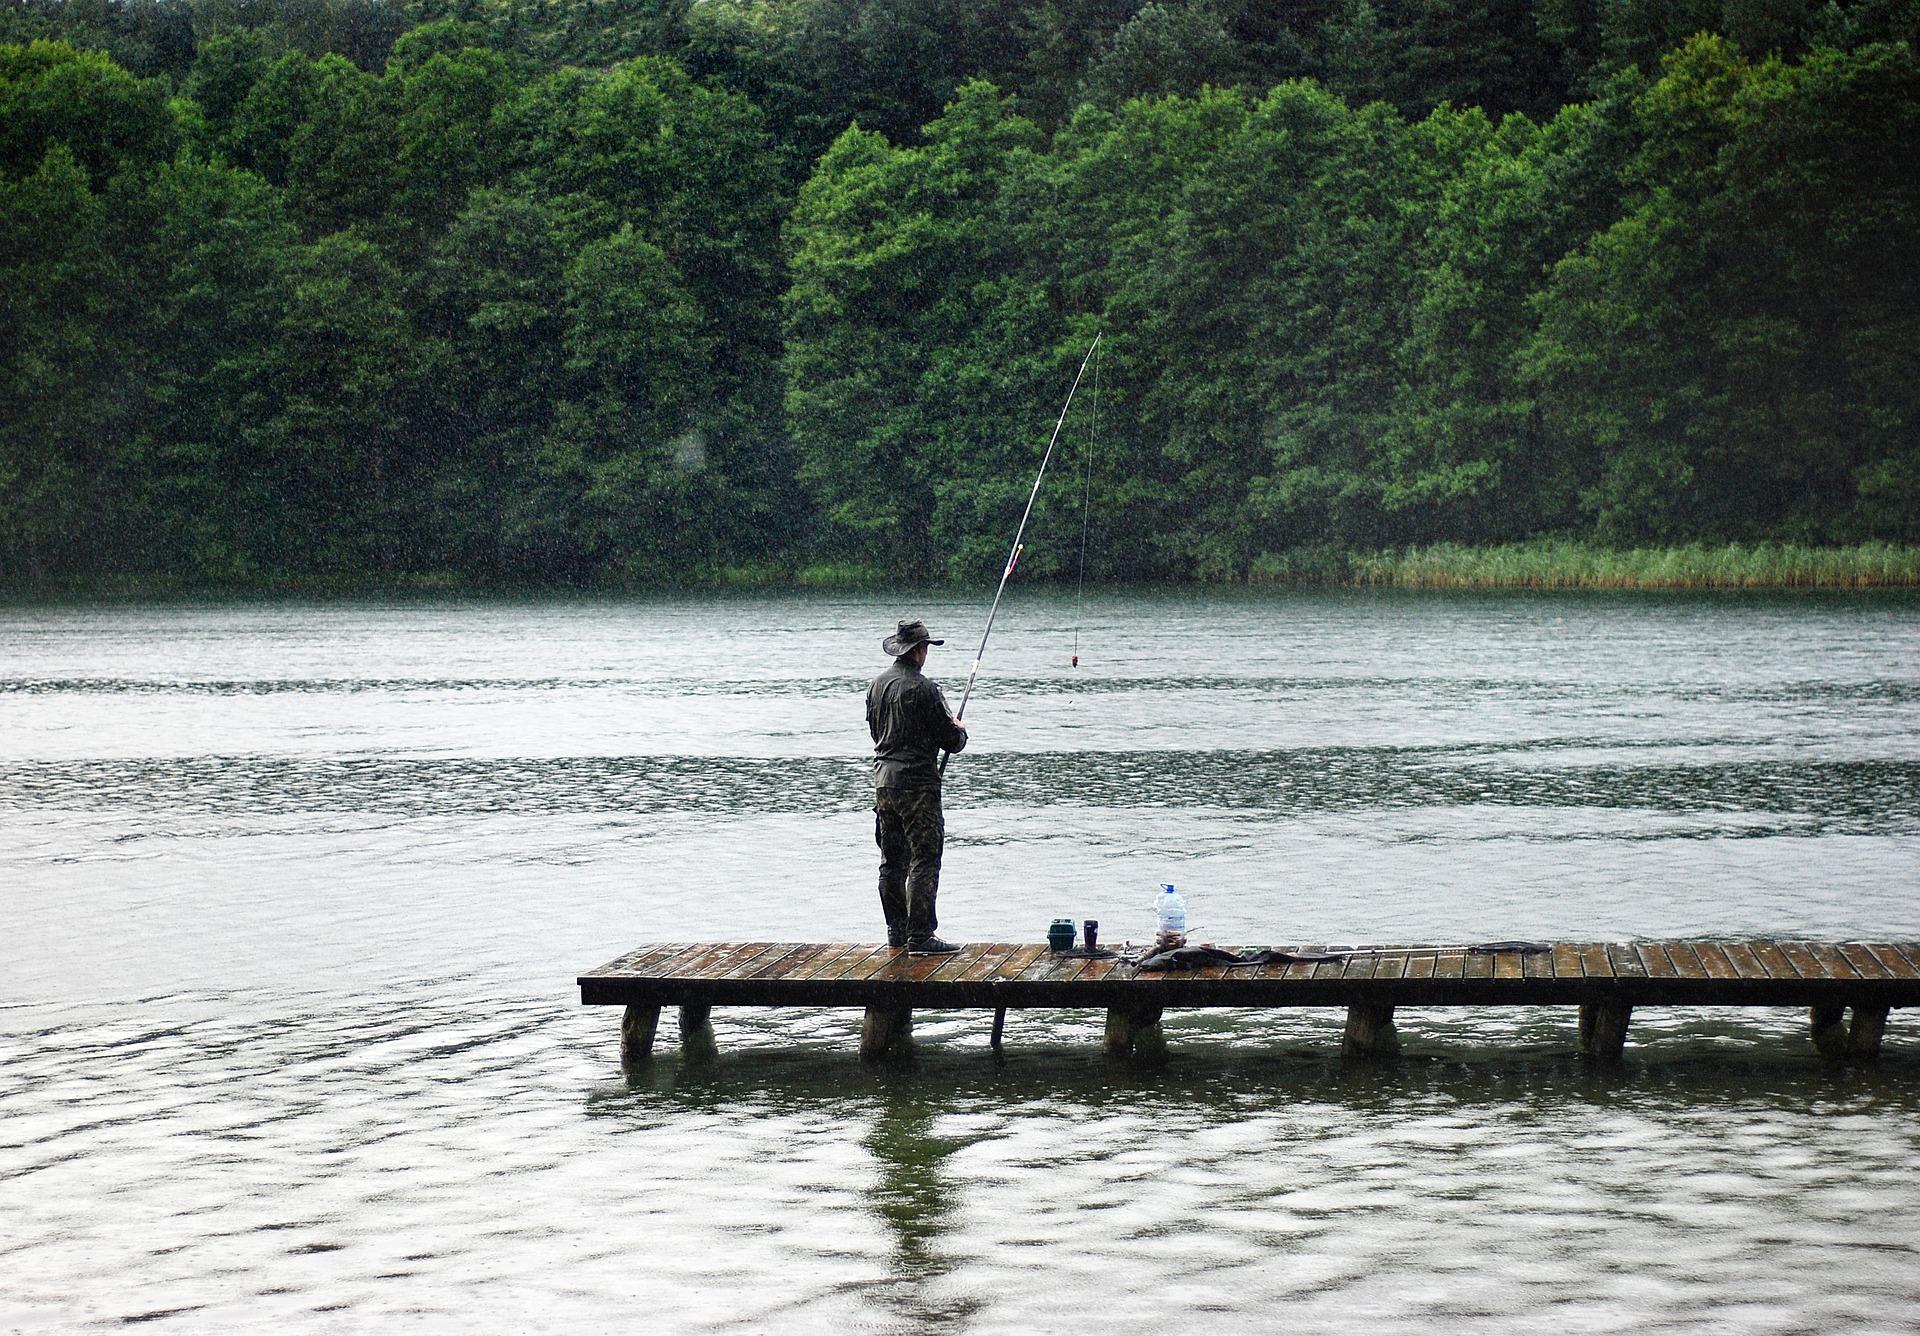 Rybaření je lék na duševní zdraví, potvrzují angličtí odborníci